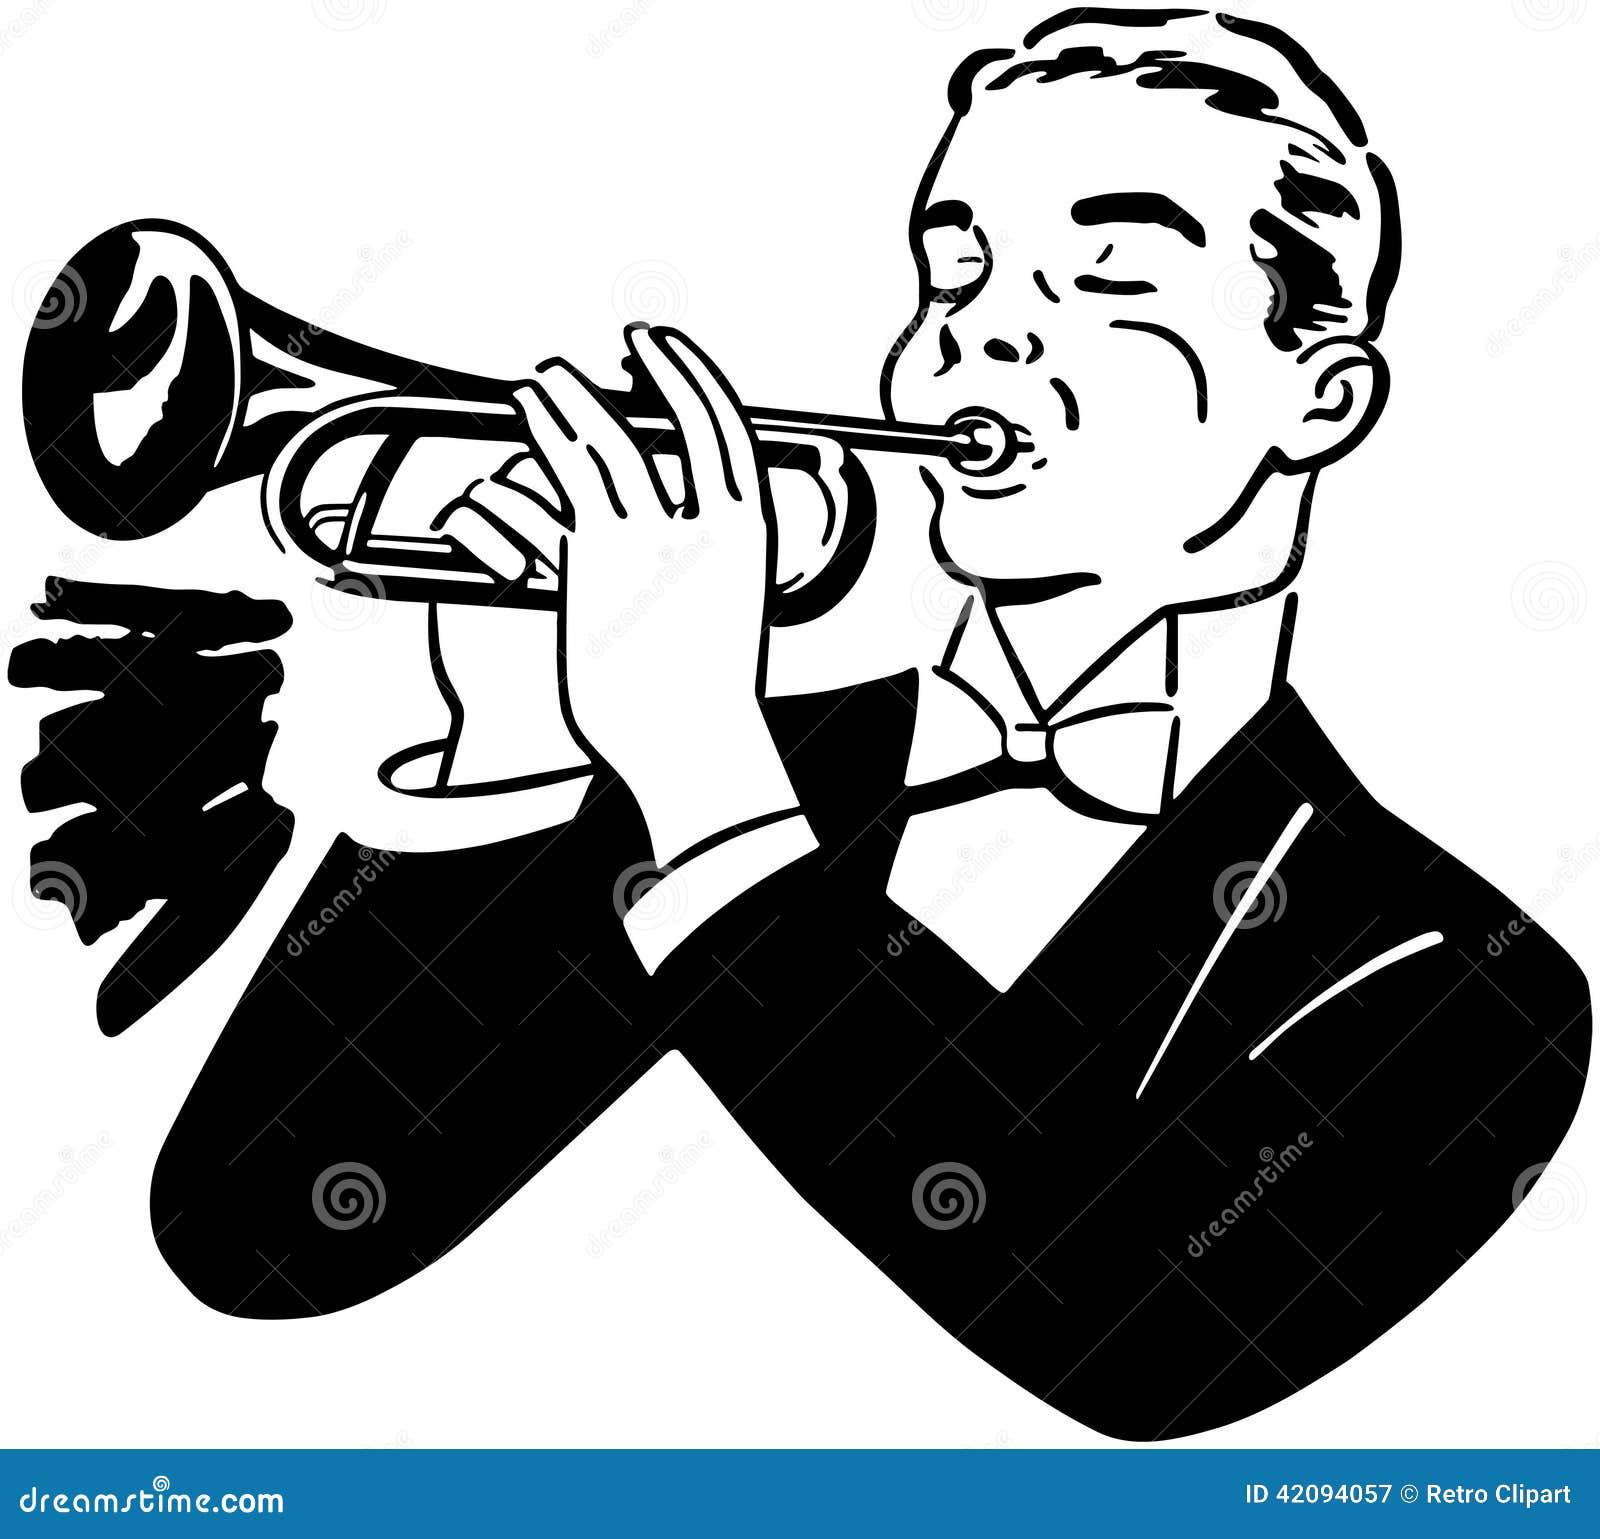 Konzentrieren Sie Sich Auf Den Finger Des Saxophonspielers ...